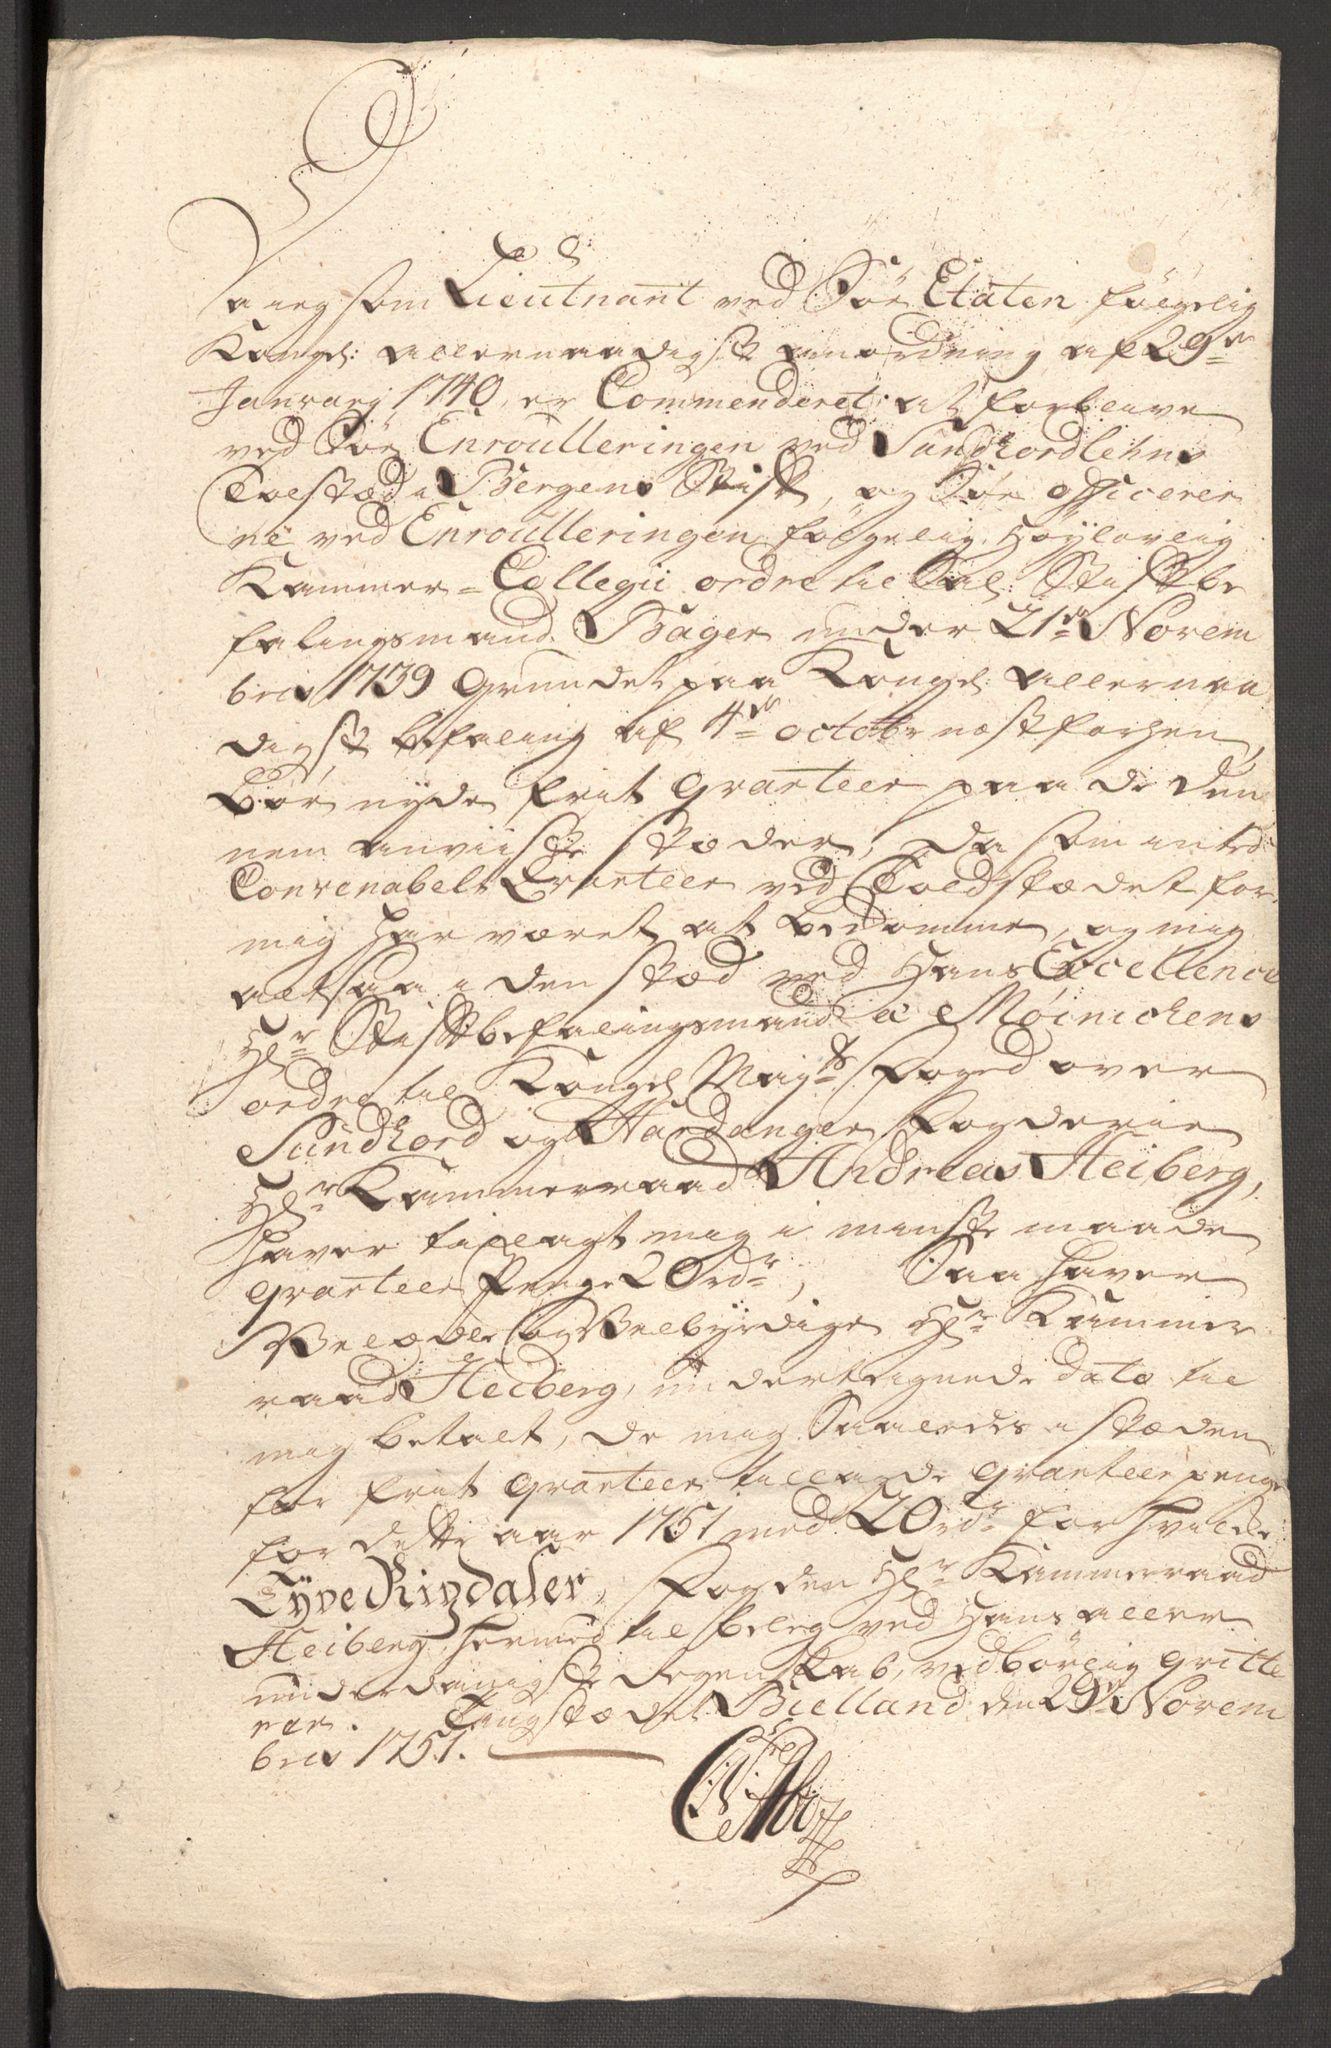 RA, Rentekammeret inntil 1814, Reviderte regnskaper, Fogderegnskap, R48/L3056: Fogderegnskap Sunnhordland og Hardanger, 1751, s. 431